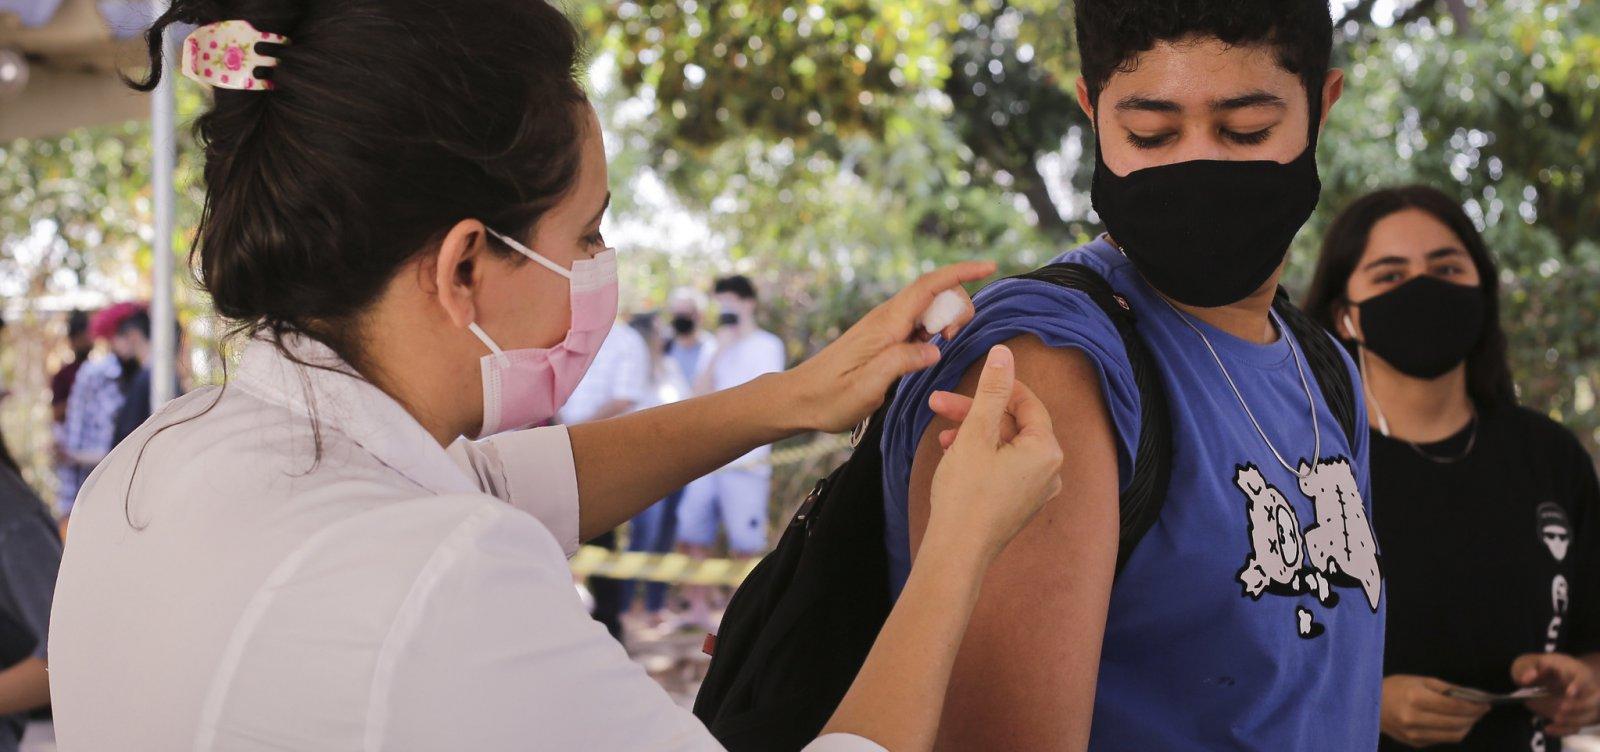 Vacinação contra Covid-19 de adolescentes sem comorbidade segue suspensa em Salvador nesta sexta